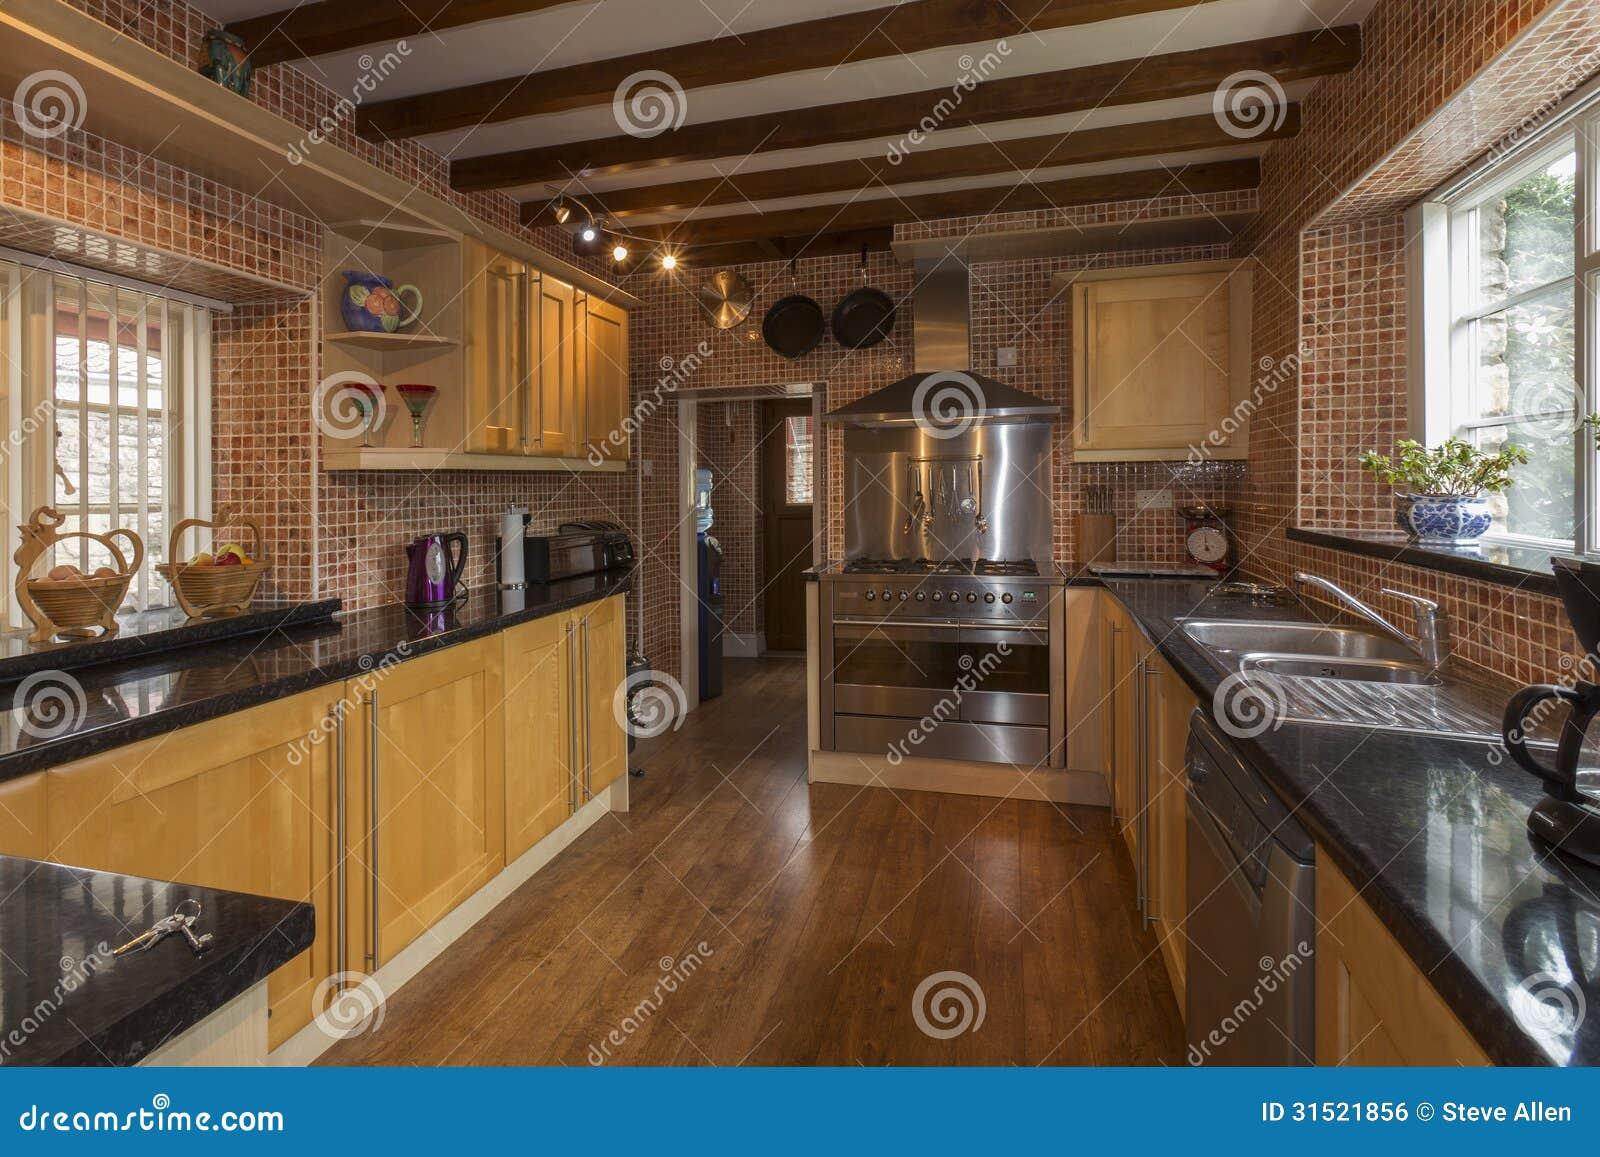 Groß Bauernhaus Küche Design Fotos - Ideen Für Die Küche Dekoration ...